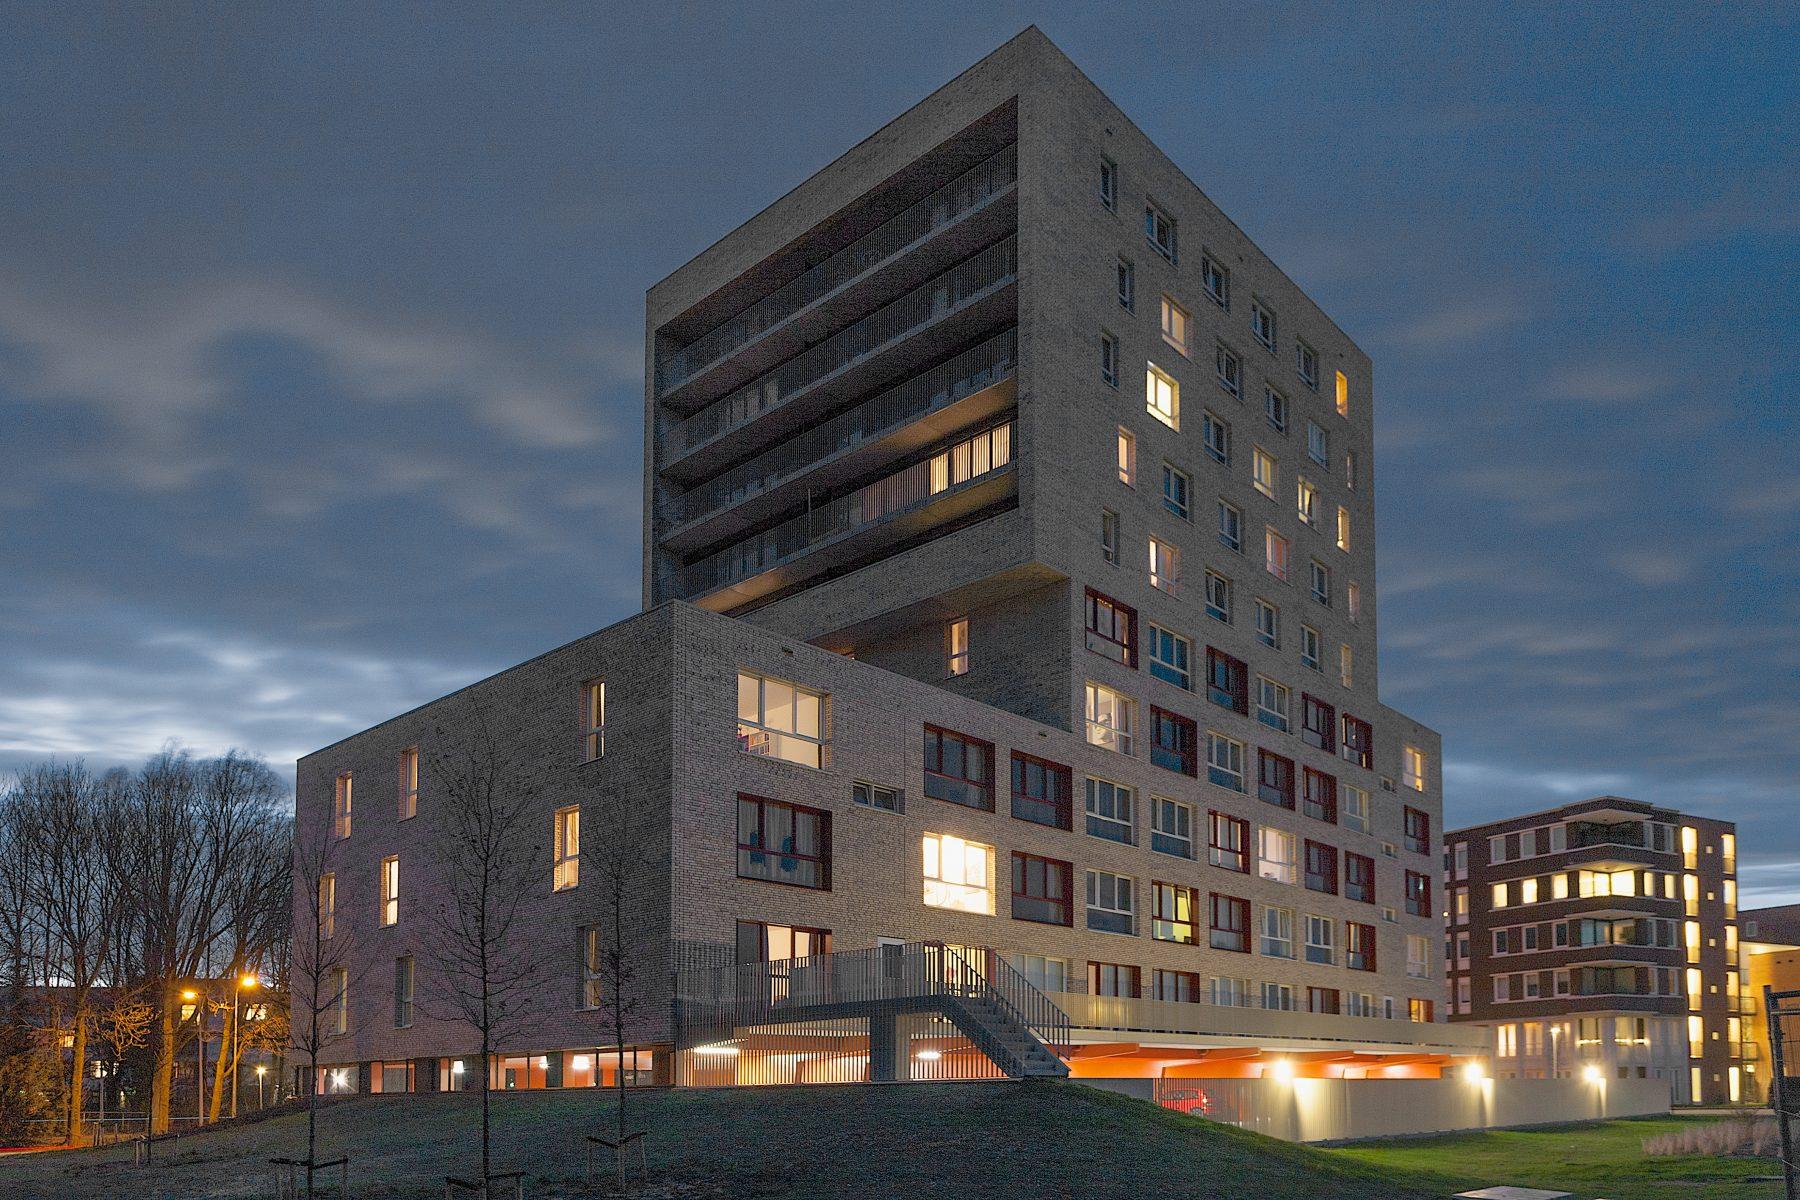 Nieuw in Stad. Alle nieuwe woningen in Groningen